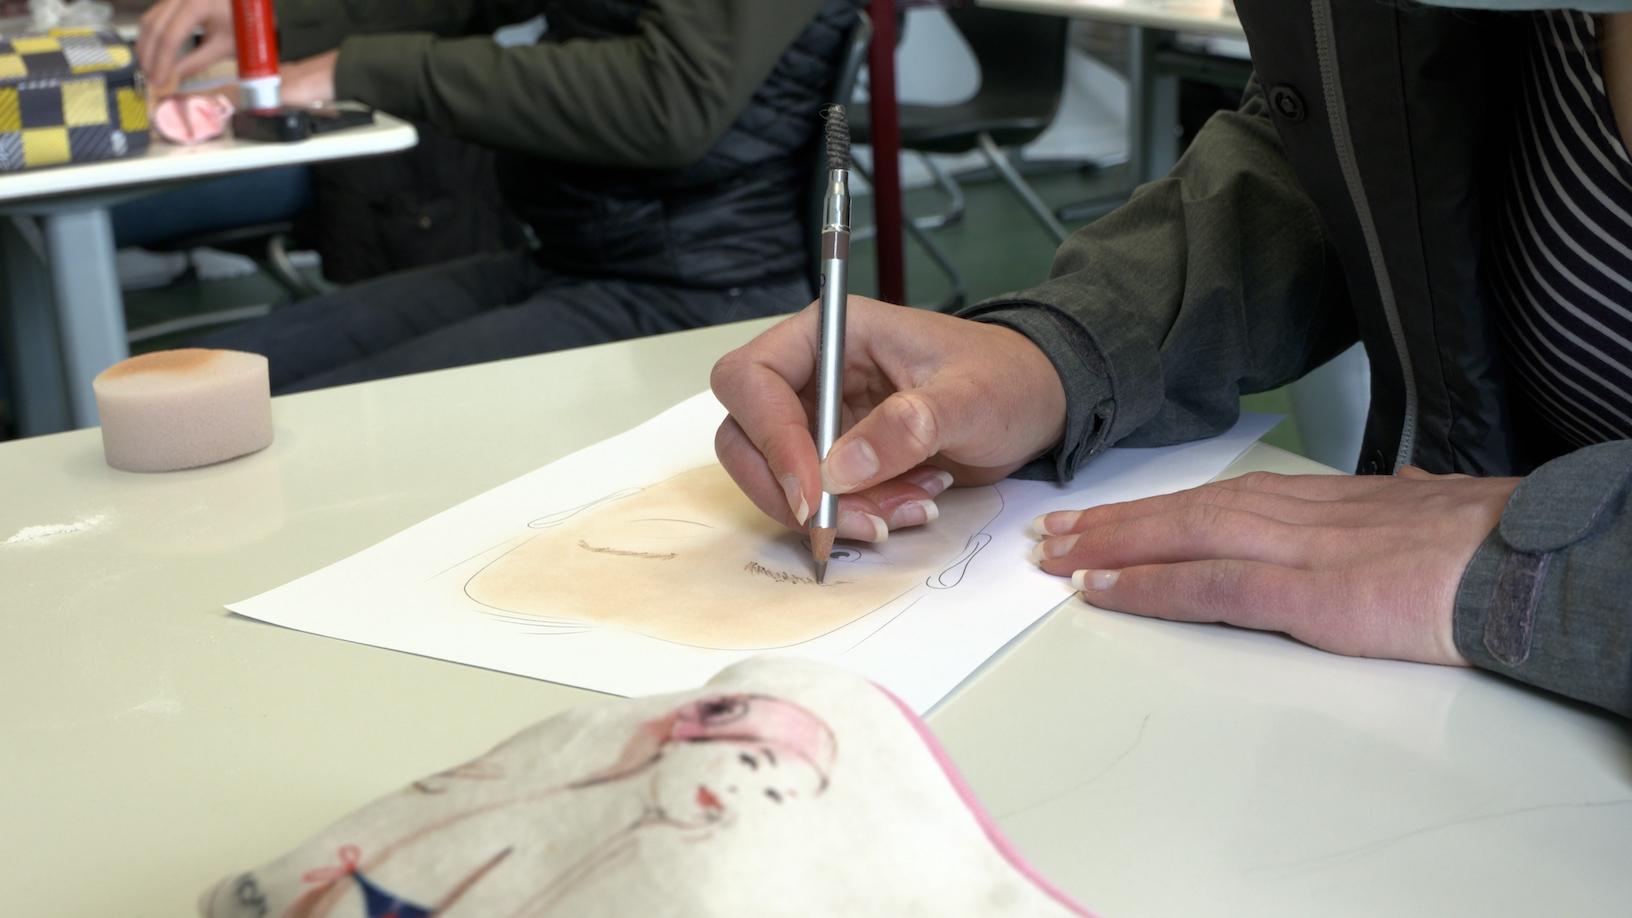 Schminke für Maskenbildner-Workshop  der Q 1